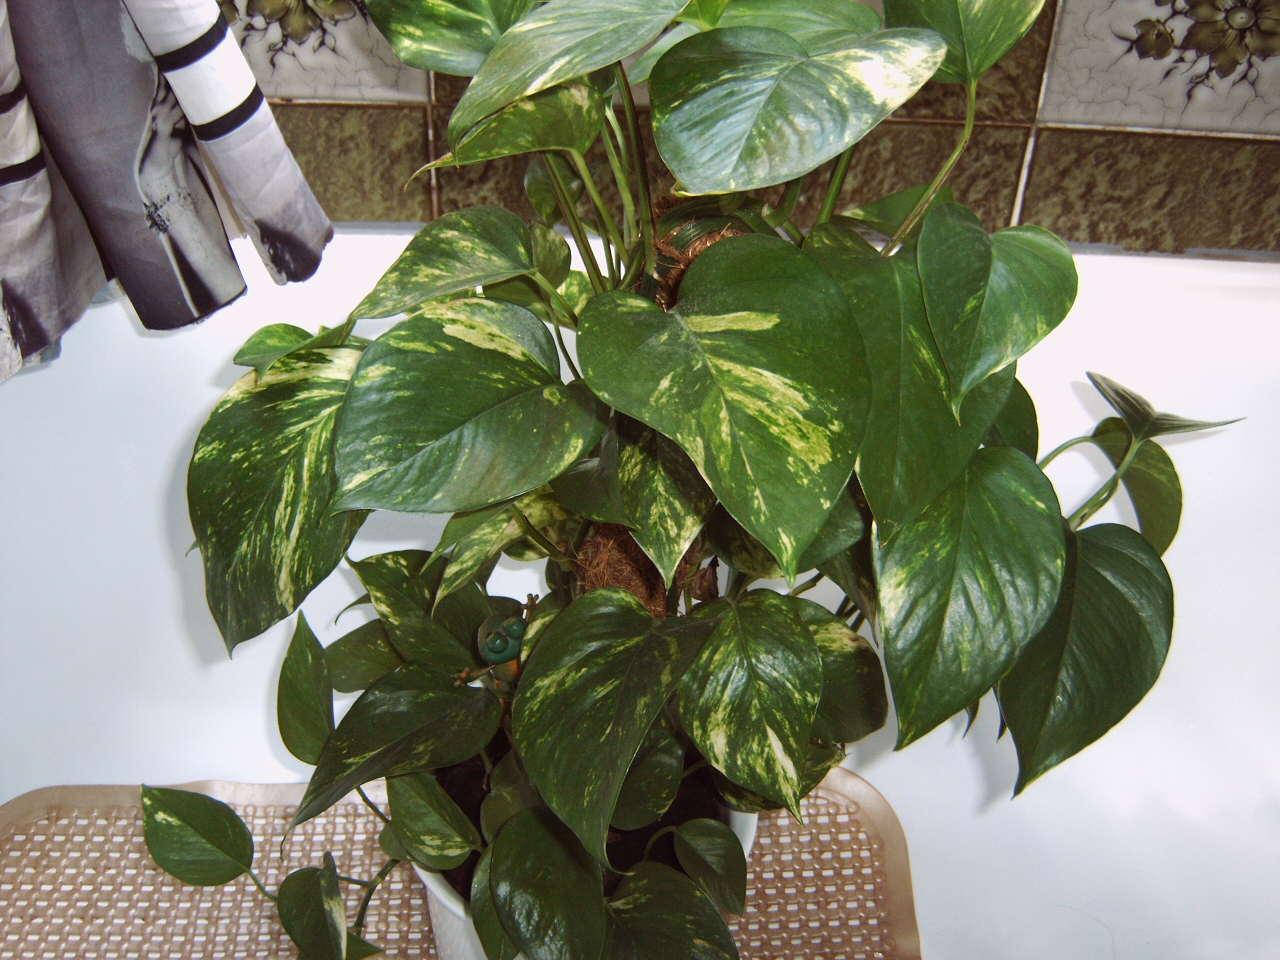 kennt jemand diese pflanze und ist sie f r katzen giftig garten name der pflanze. Black Bedroom Furniture Sets. Home Design Ideas